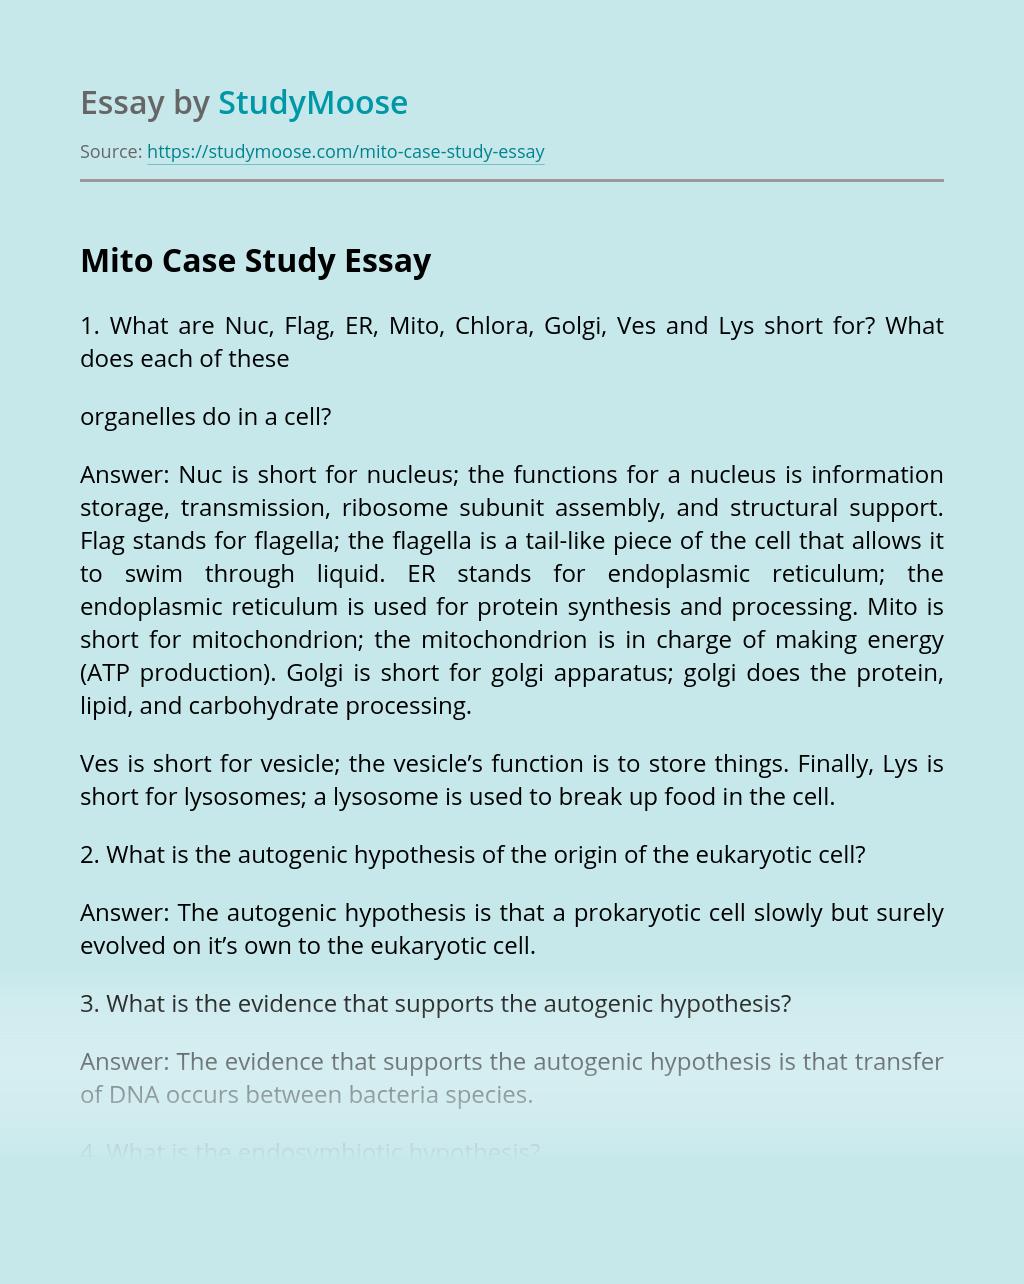 Mito Case Study